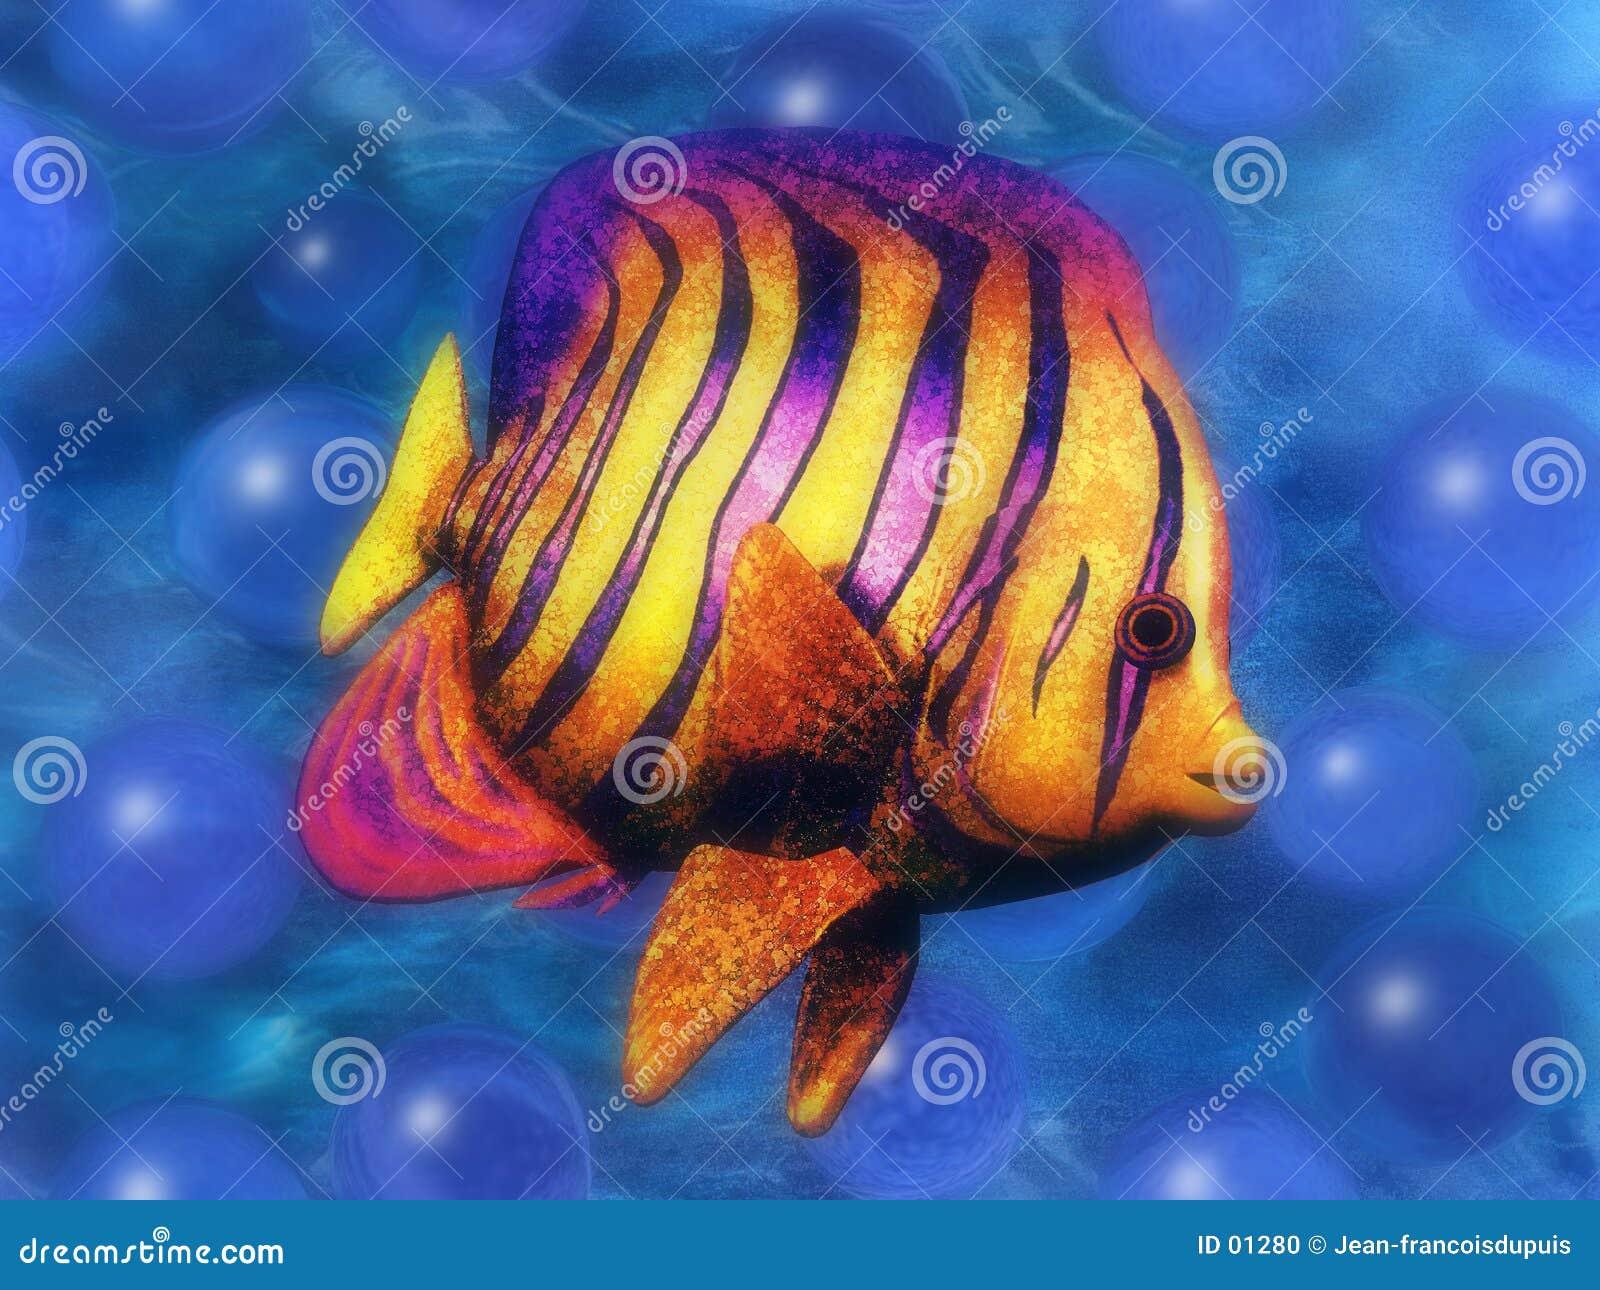 Igor die Fische